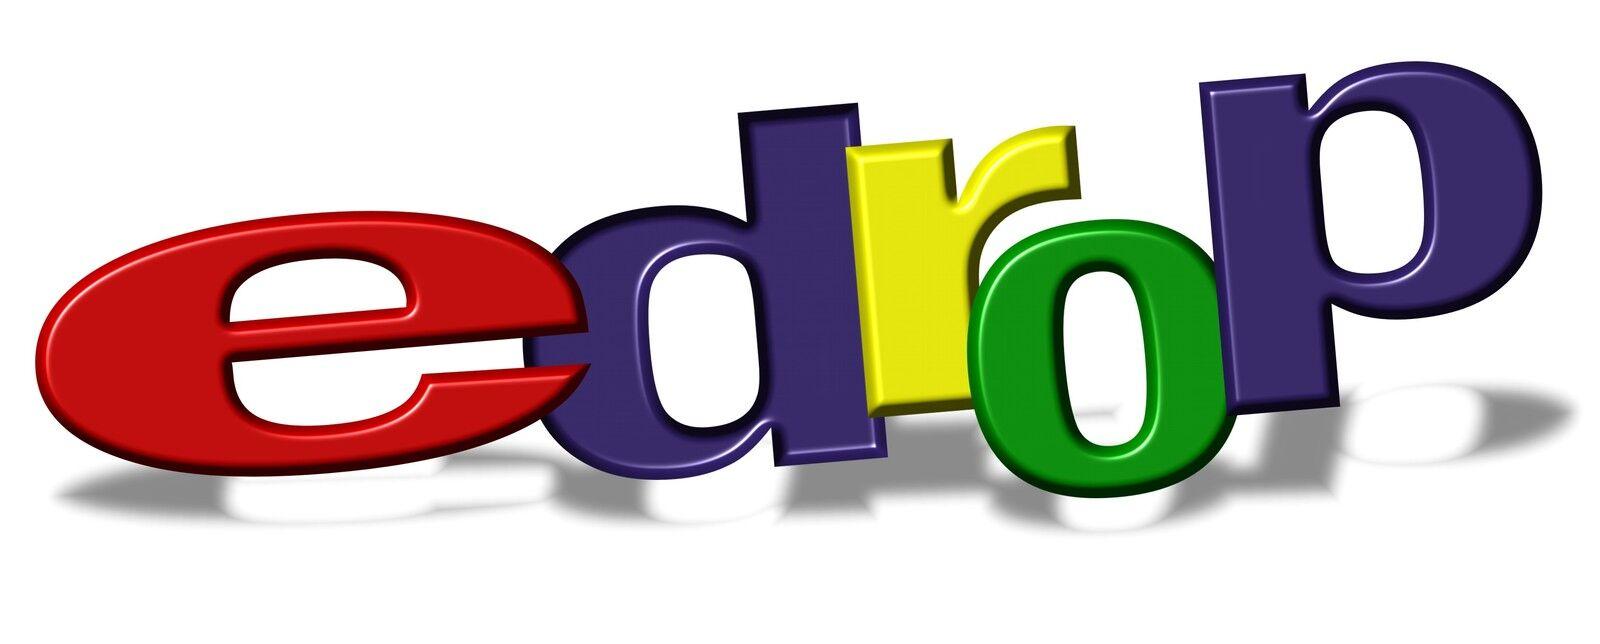 E-drop